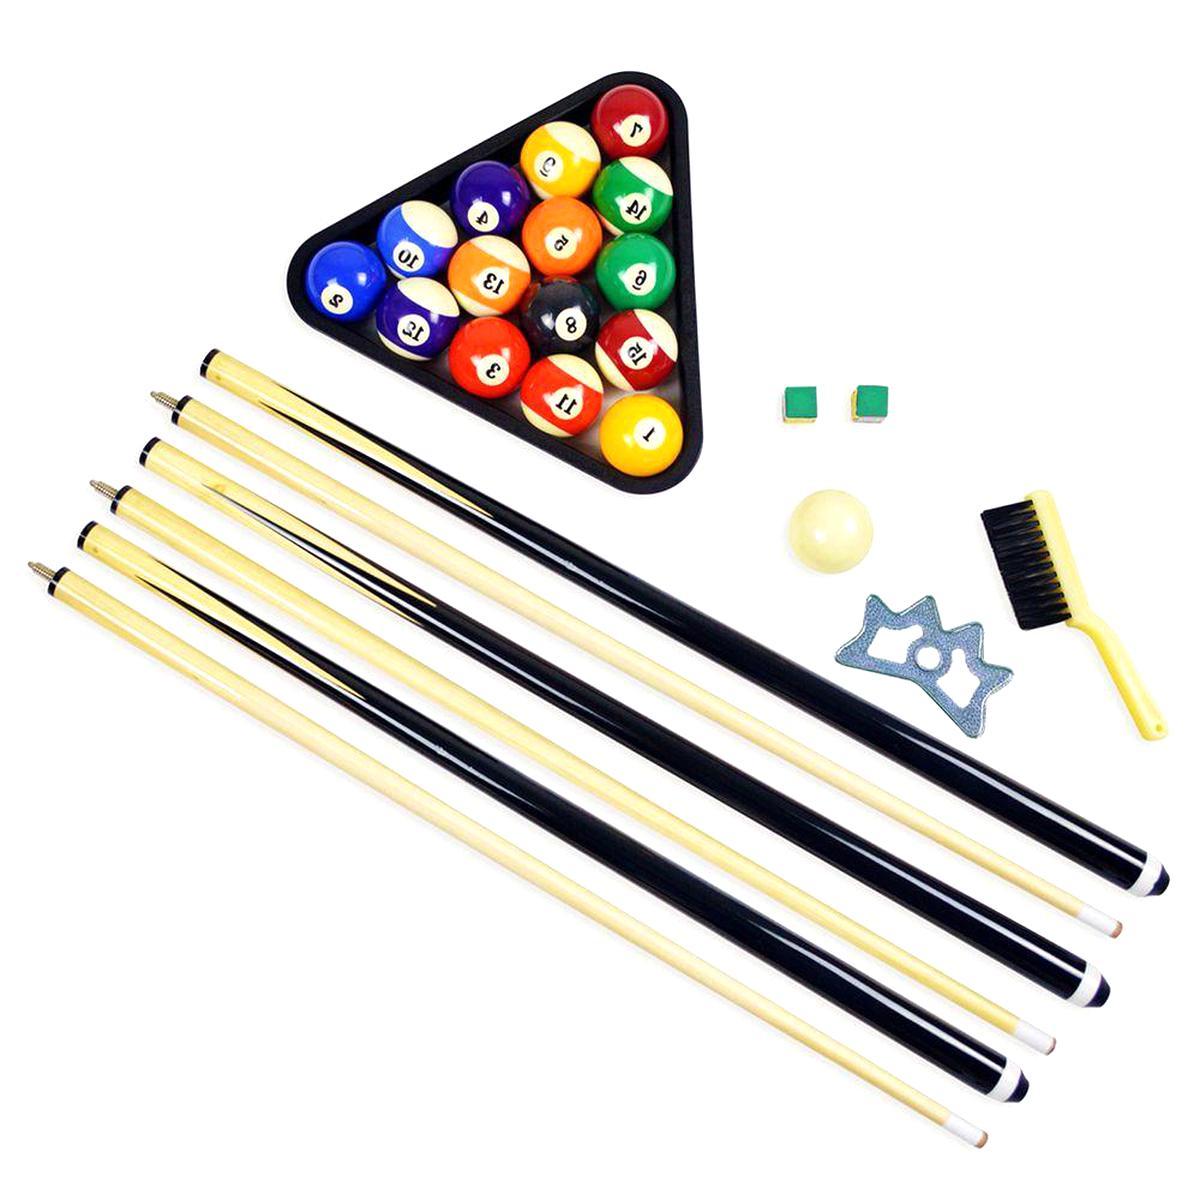 billiard accessories for sale